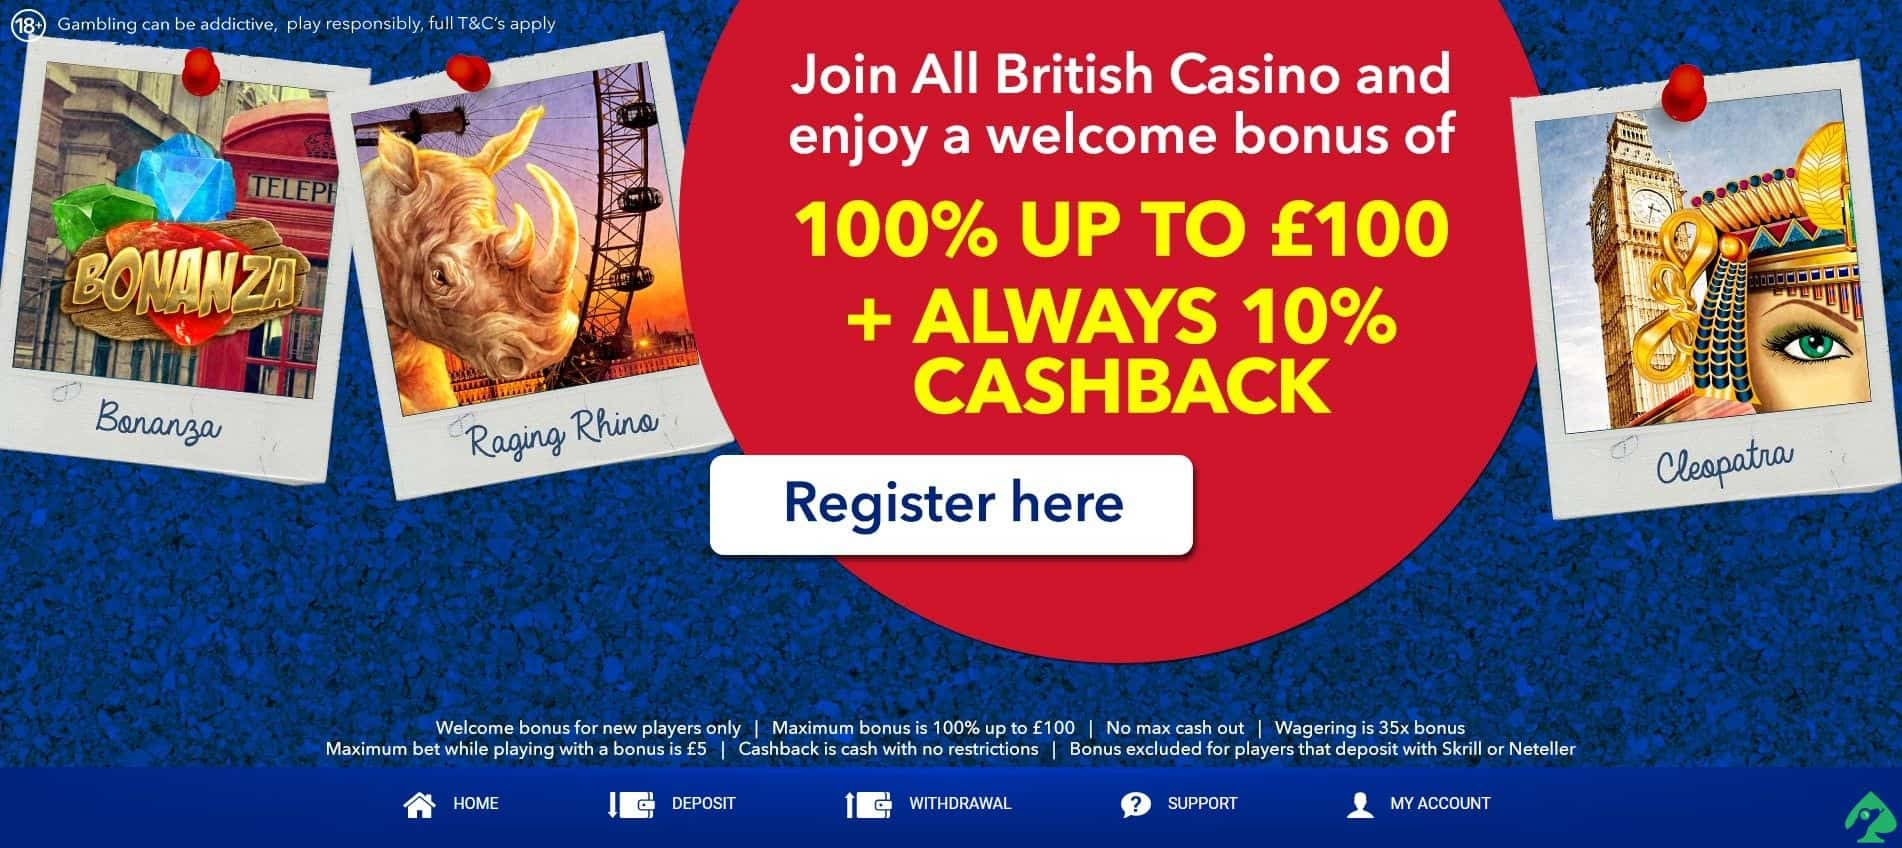 allbritishcasino.com Cashback Bonus